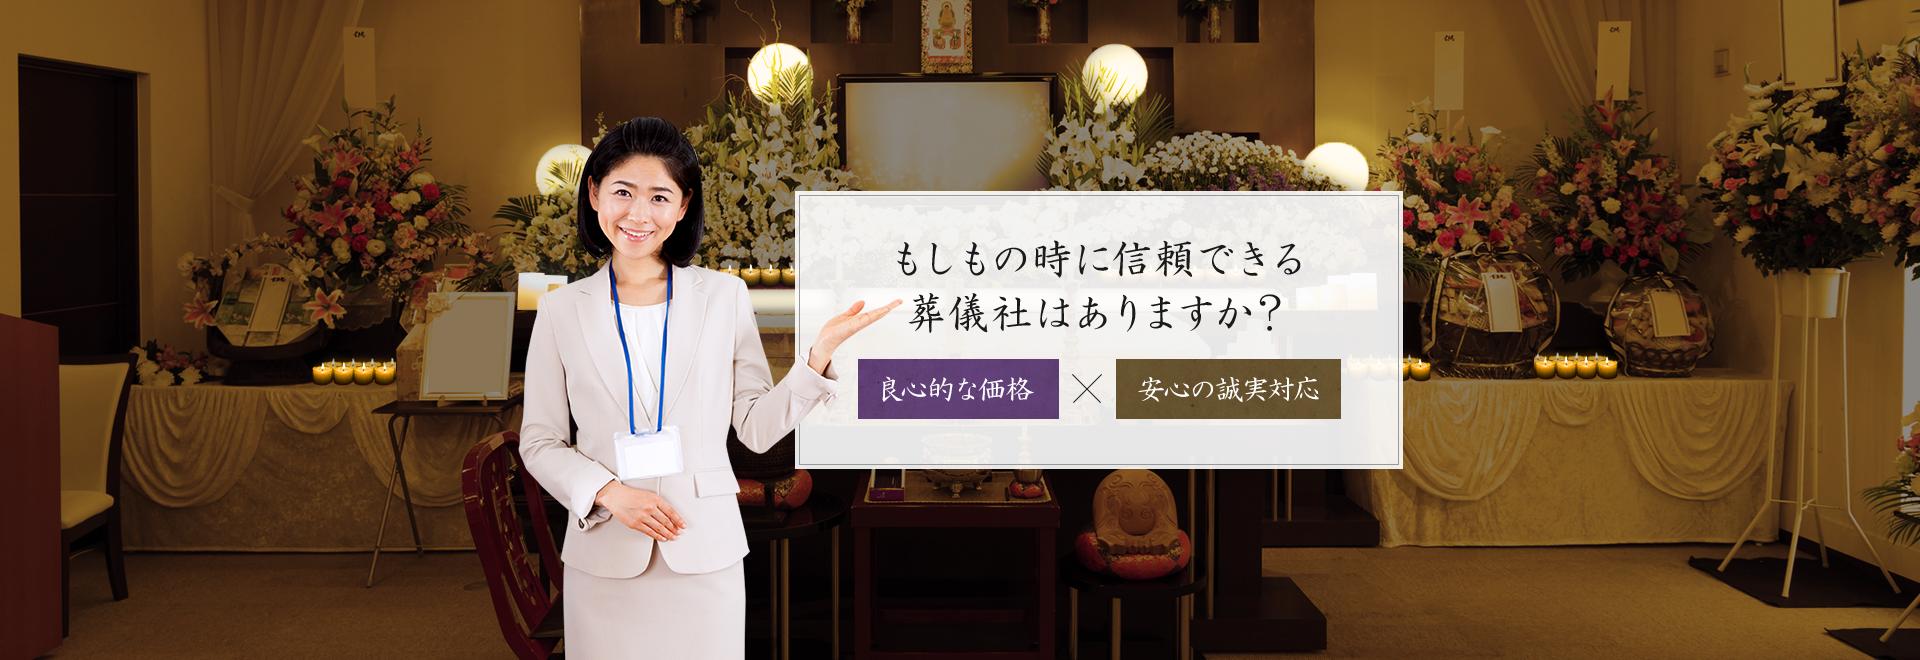 もしもの時に信頼できる 葬儀社はありますか?